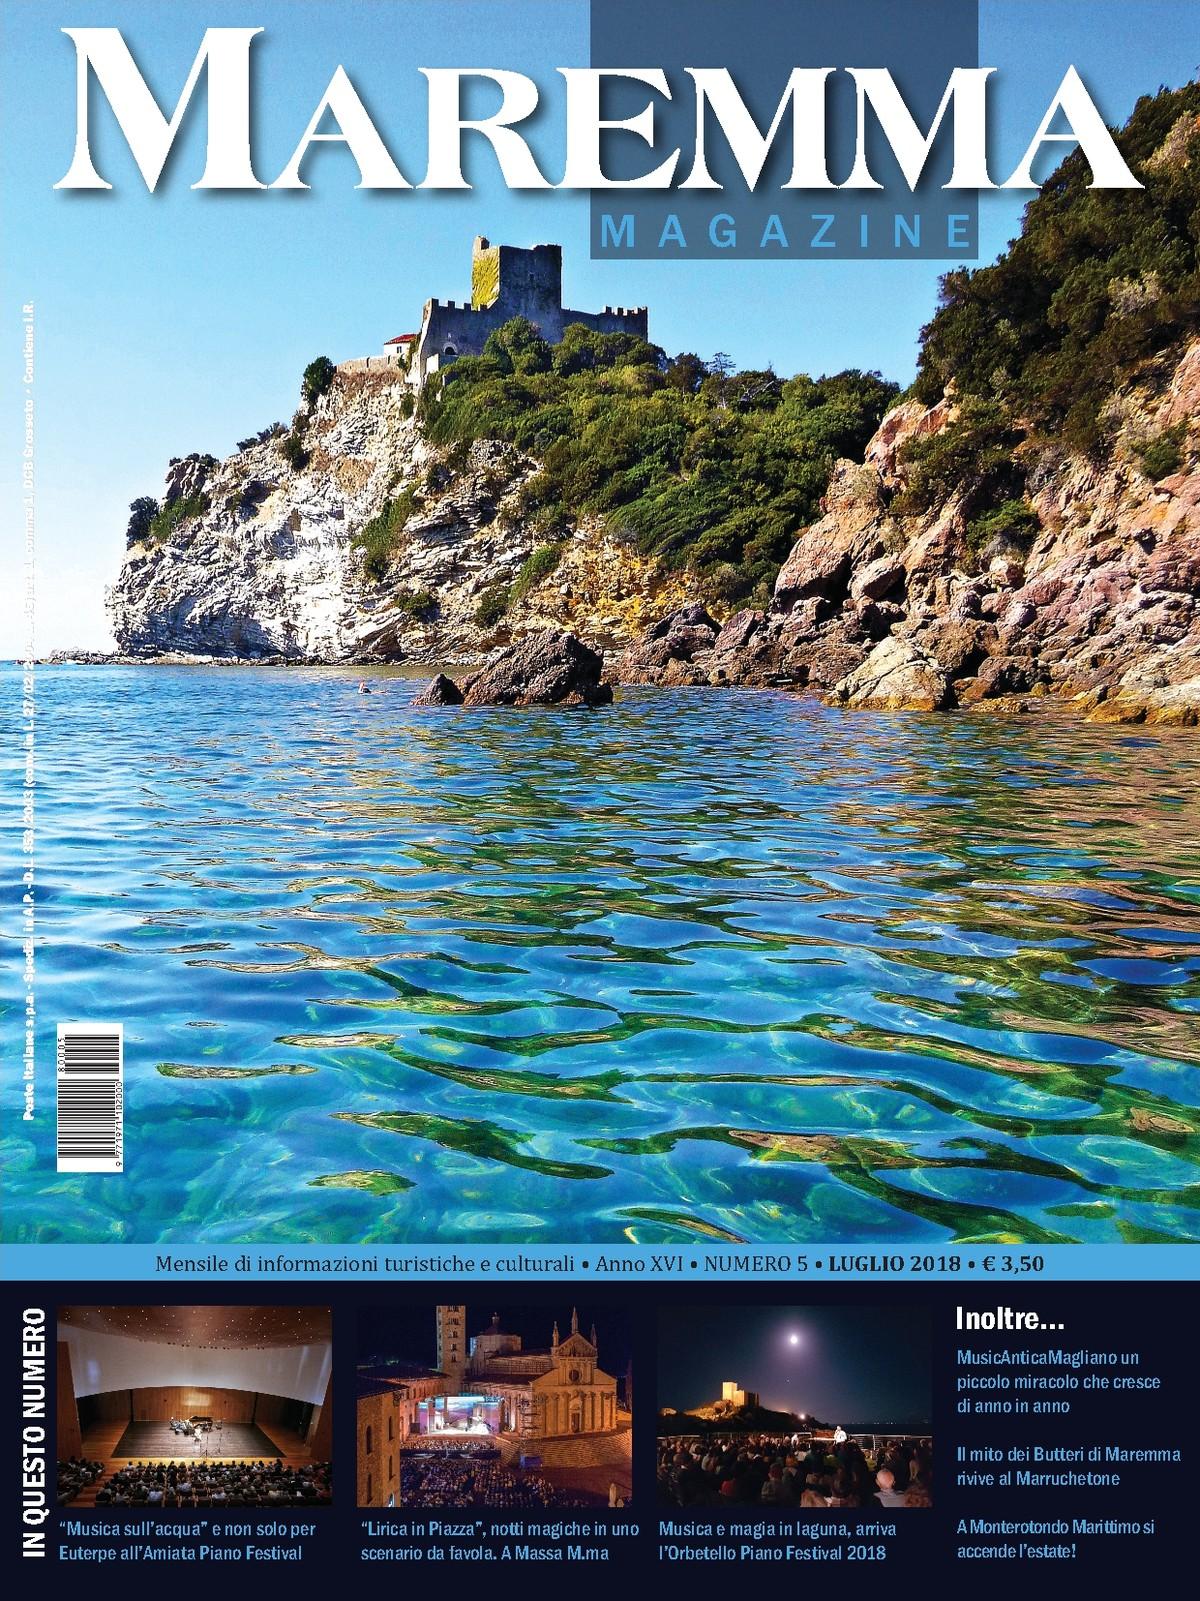 666bc220d85f Maremma Magazine - MARZO 2013 - Numero 2 - [CS Edizioni srl]